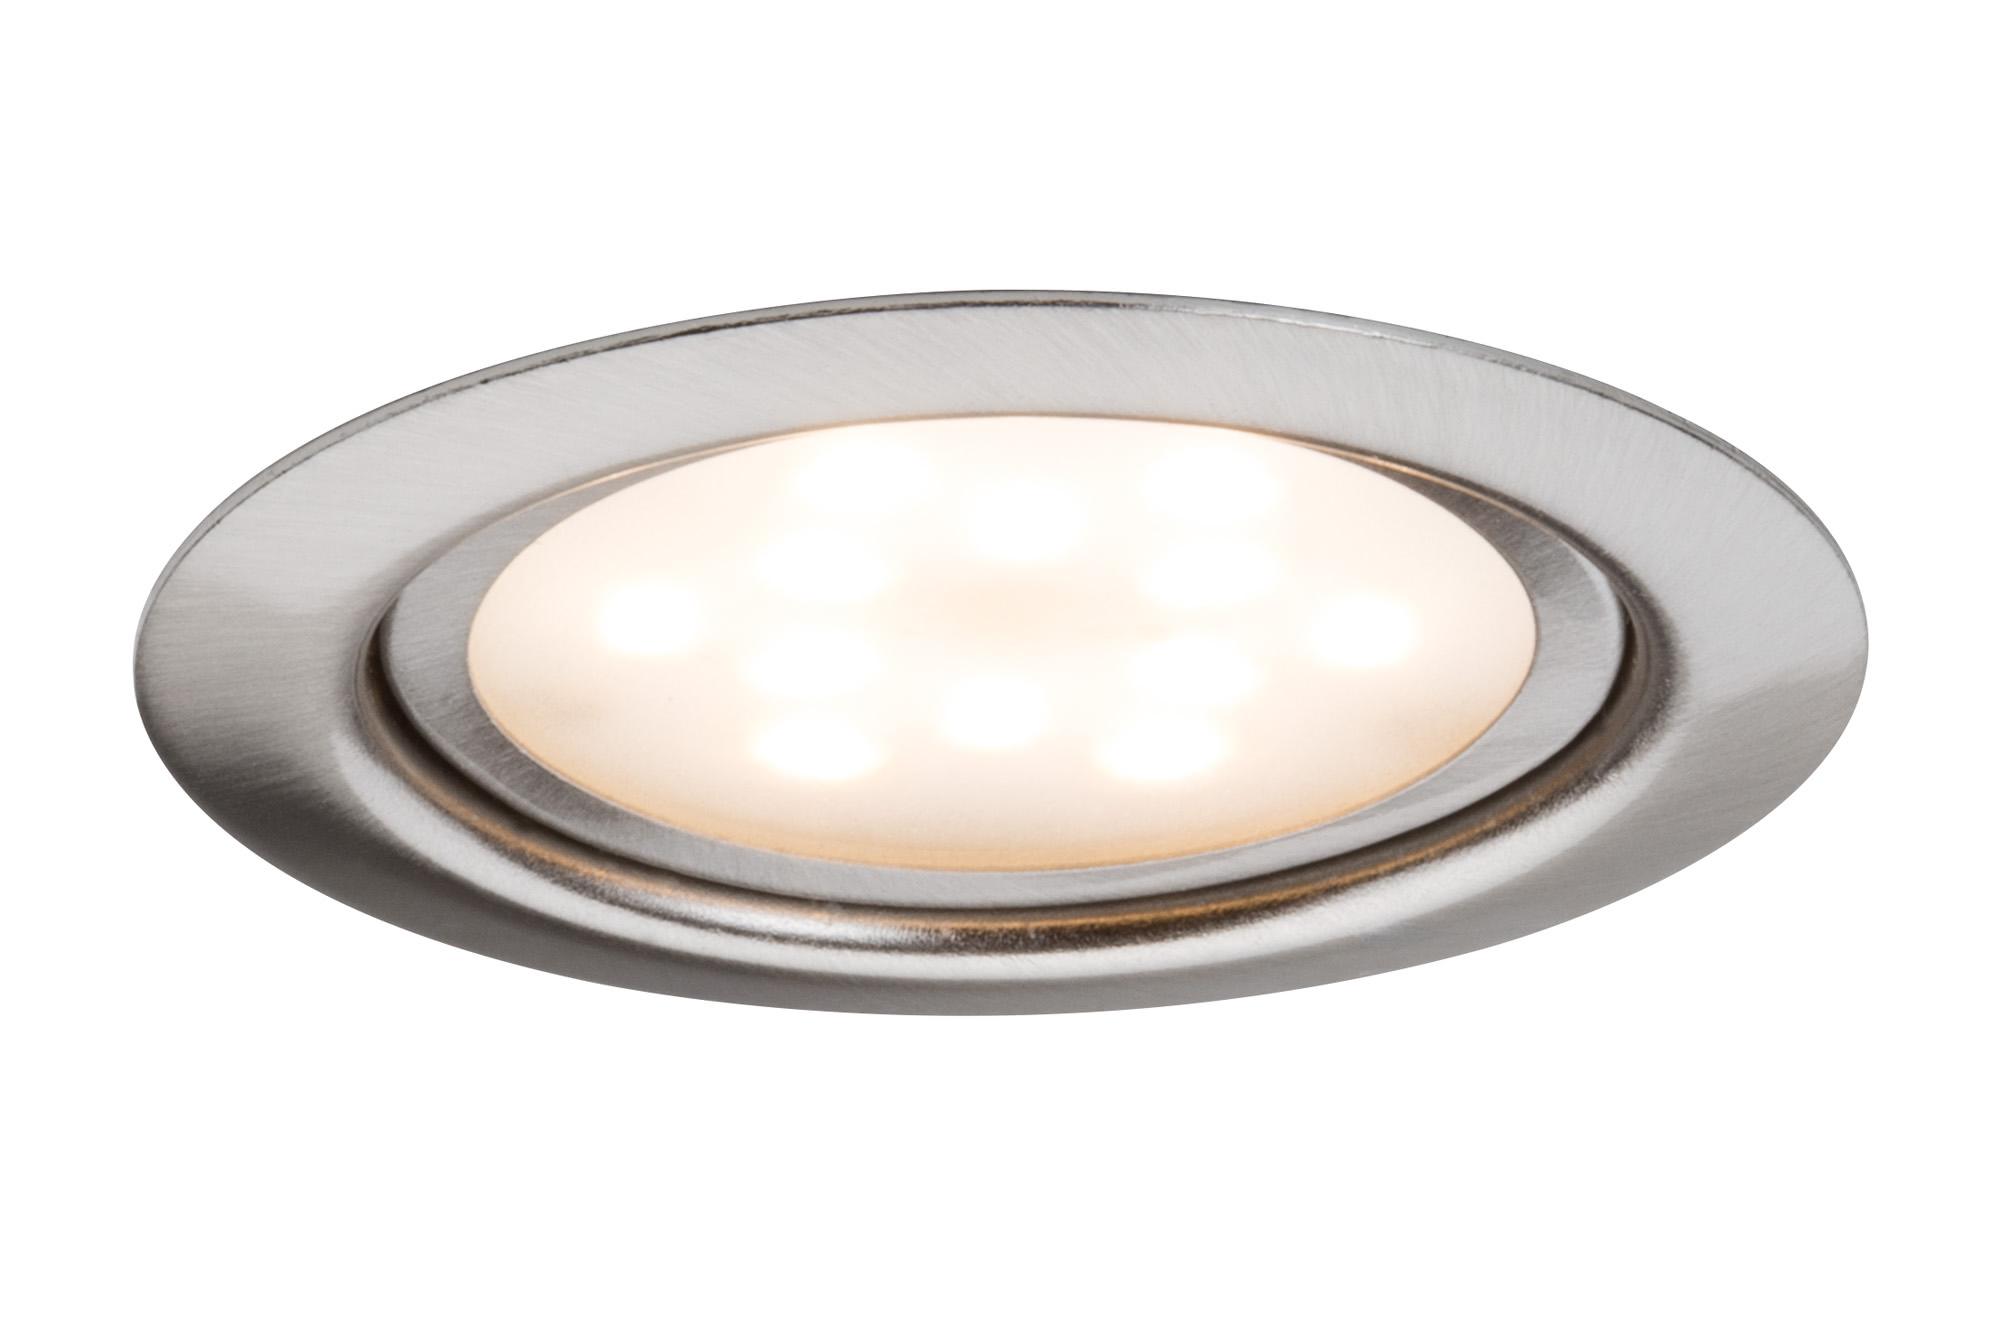 Paulmann. 93556 Светильник мебельный LED 1x4W 65mm, железо шероховатое